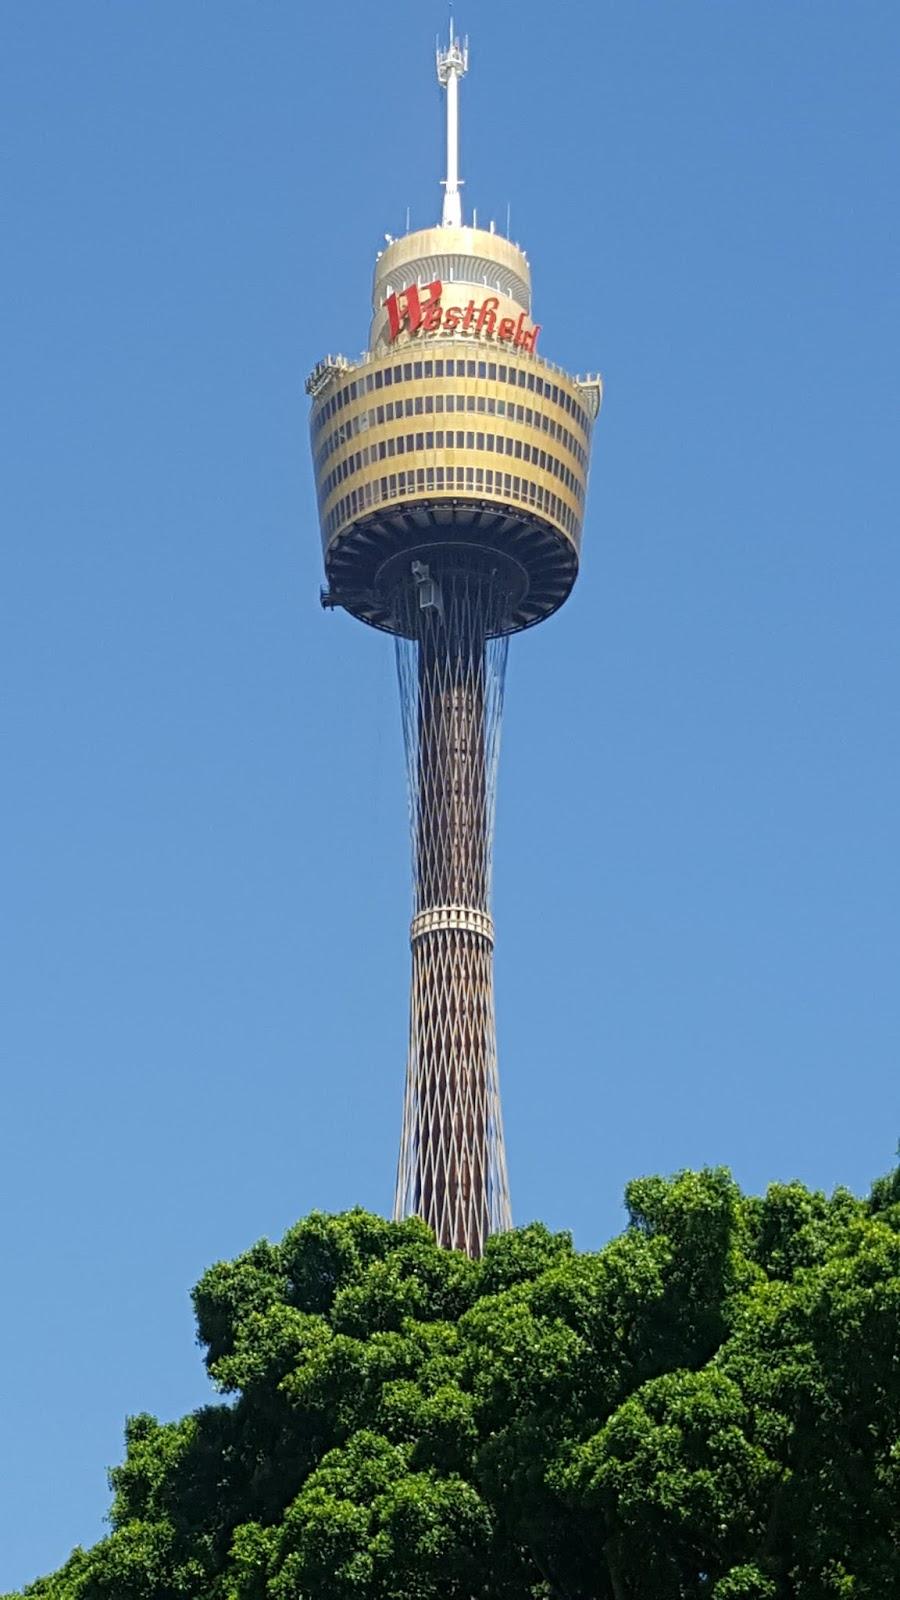 Sydney - City and Suburbs: Sydney Tower